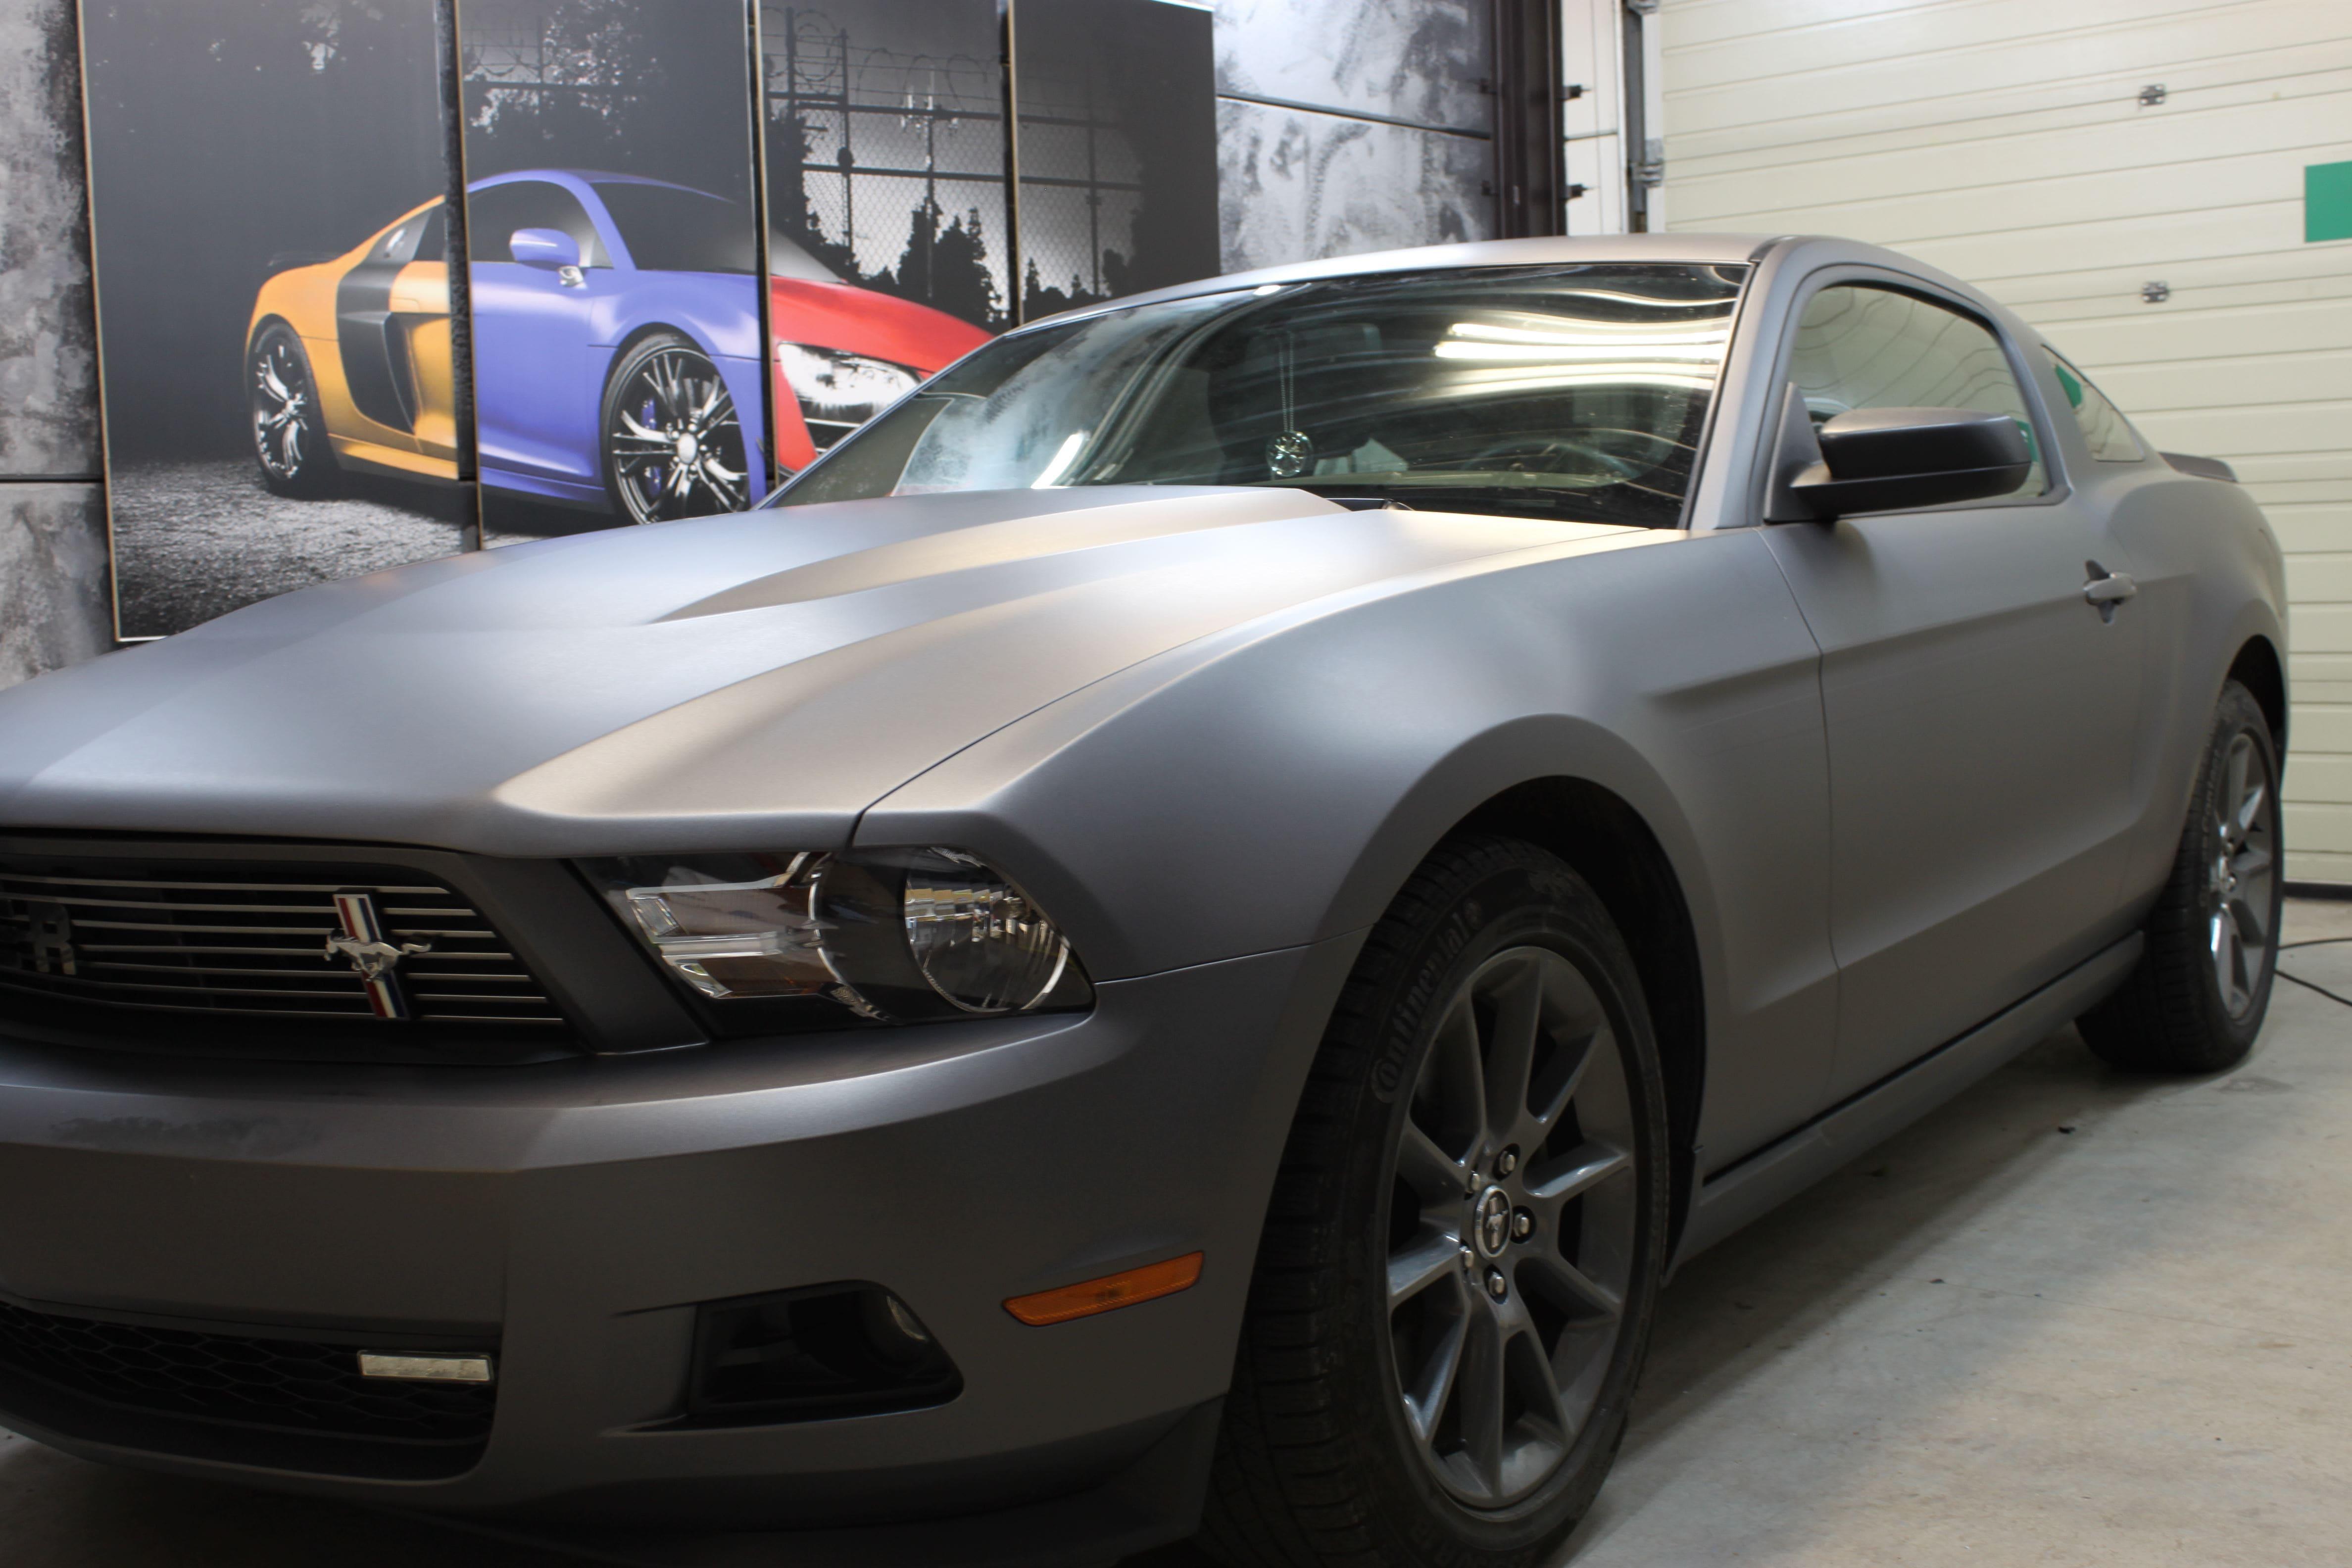 Ford Mustang 2009 met Gunpowder Wrap, Carwrapping door Wrapmyride.nu Foto-nr:5816, ©2020